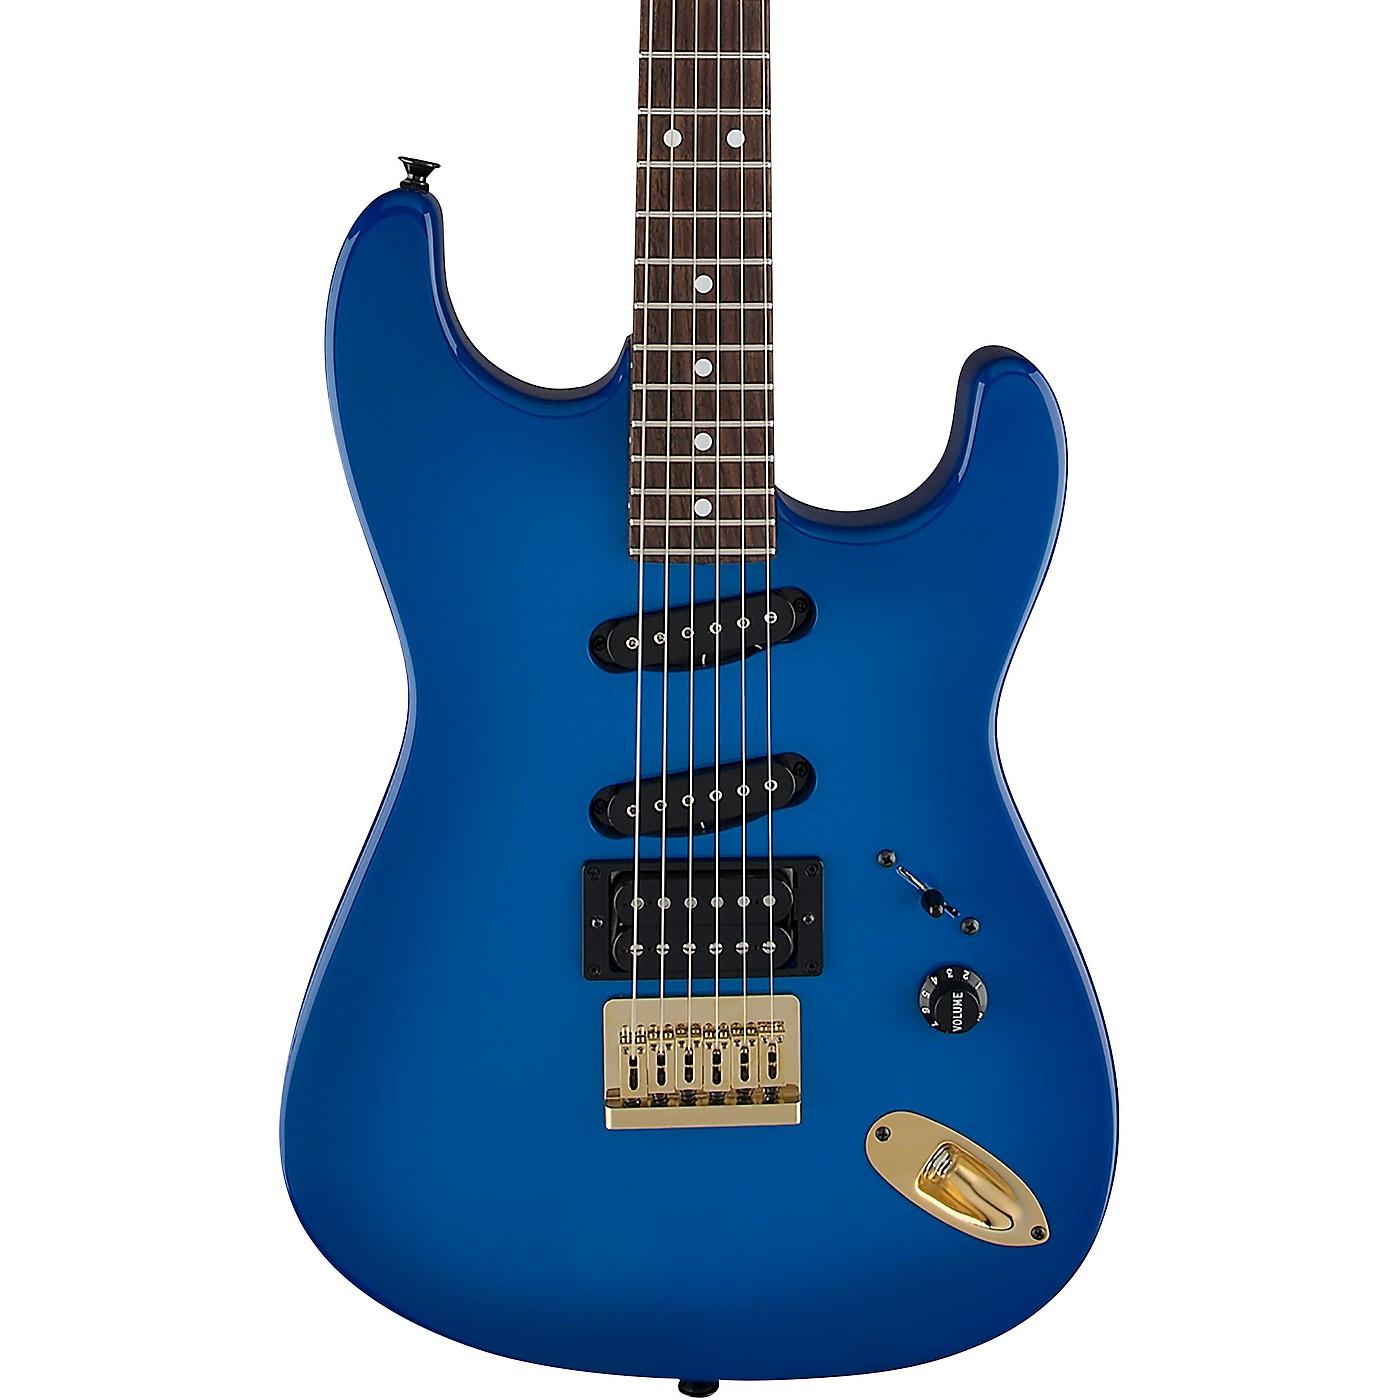 Charvel Jake E. Lee Signature Model Electric Guitar thumbnail